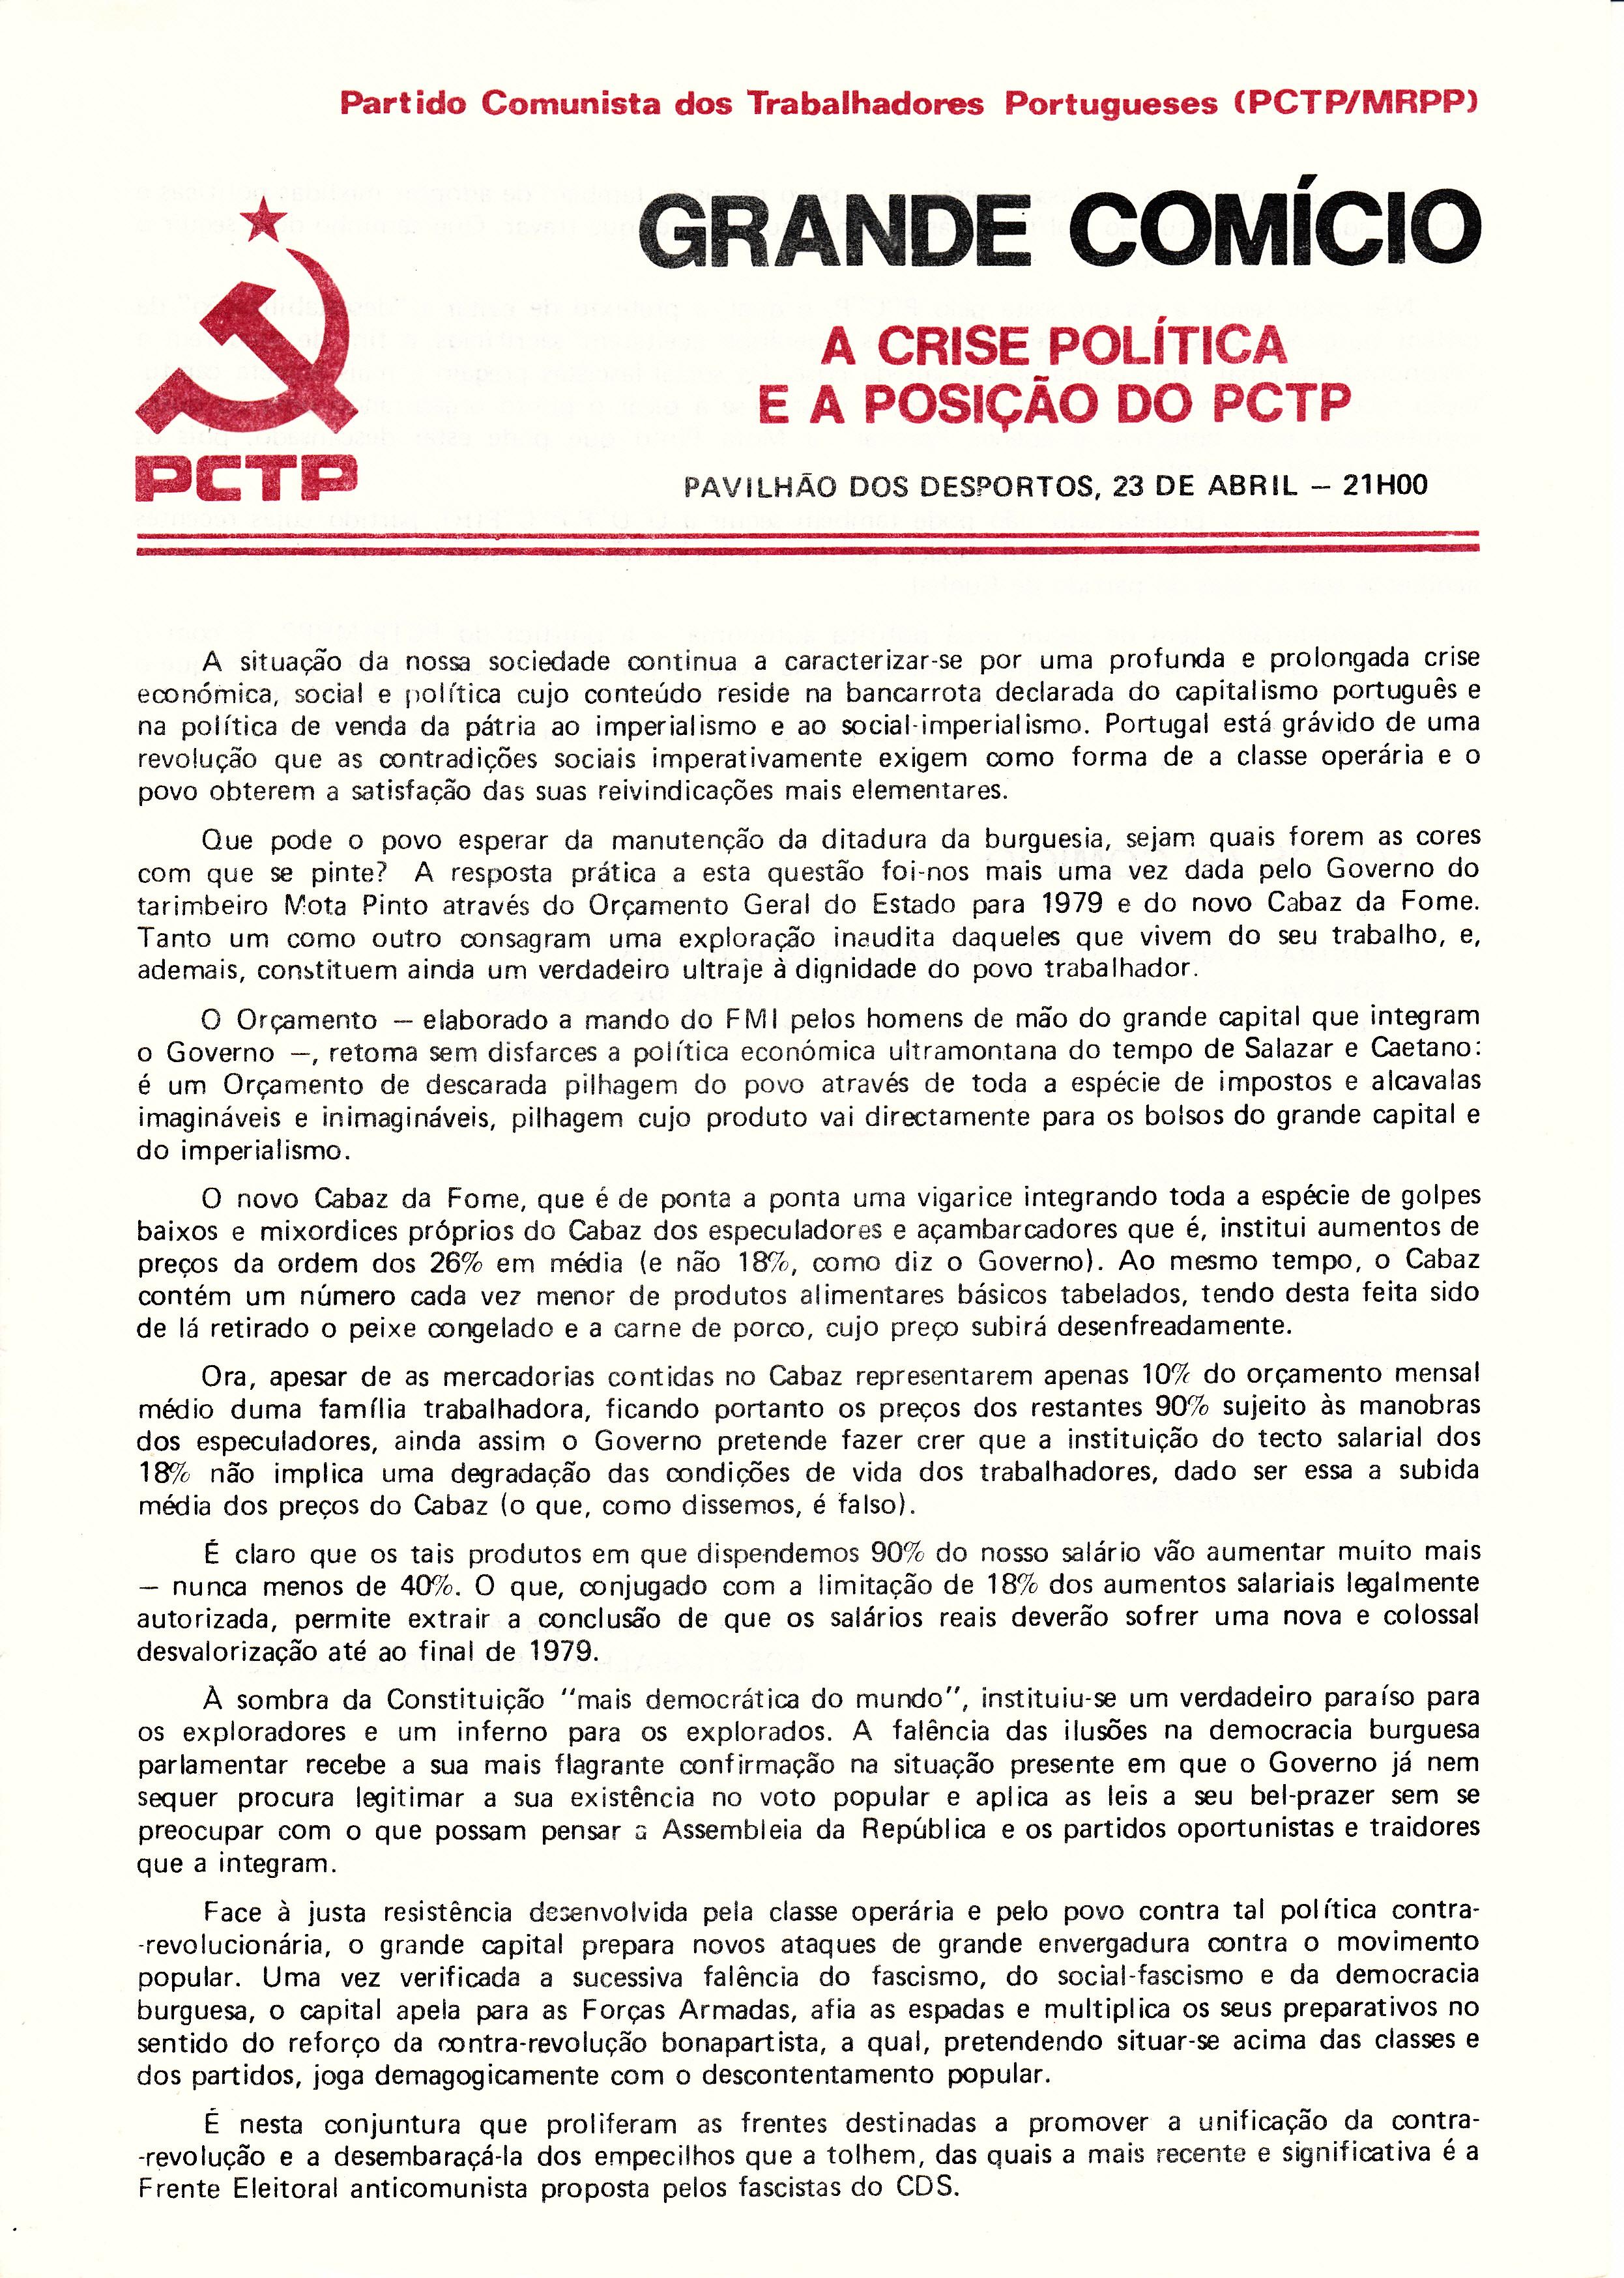 MRPP_1979_04_21_0001